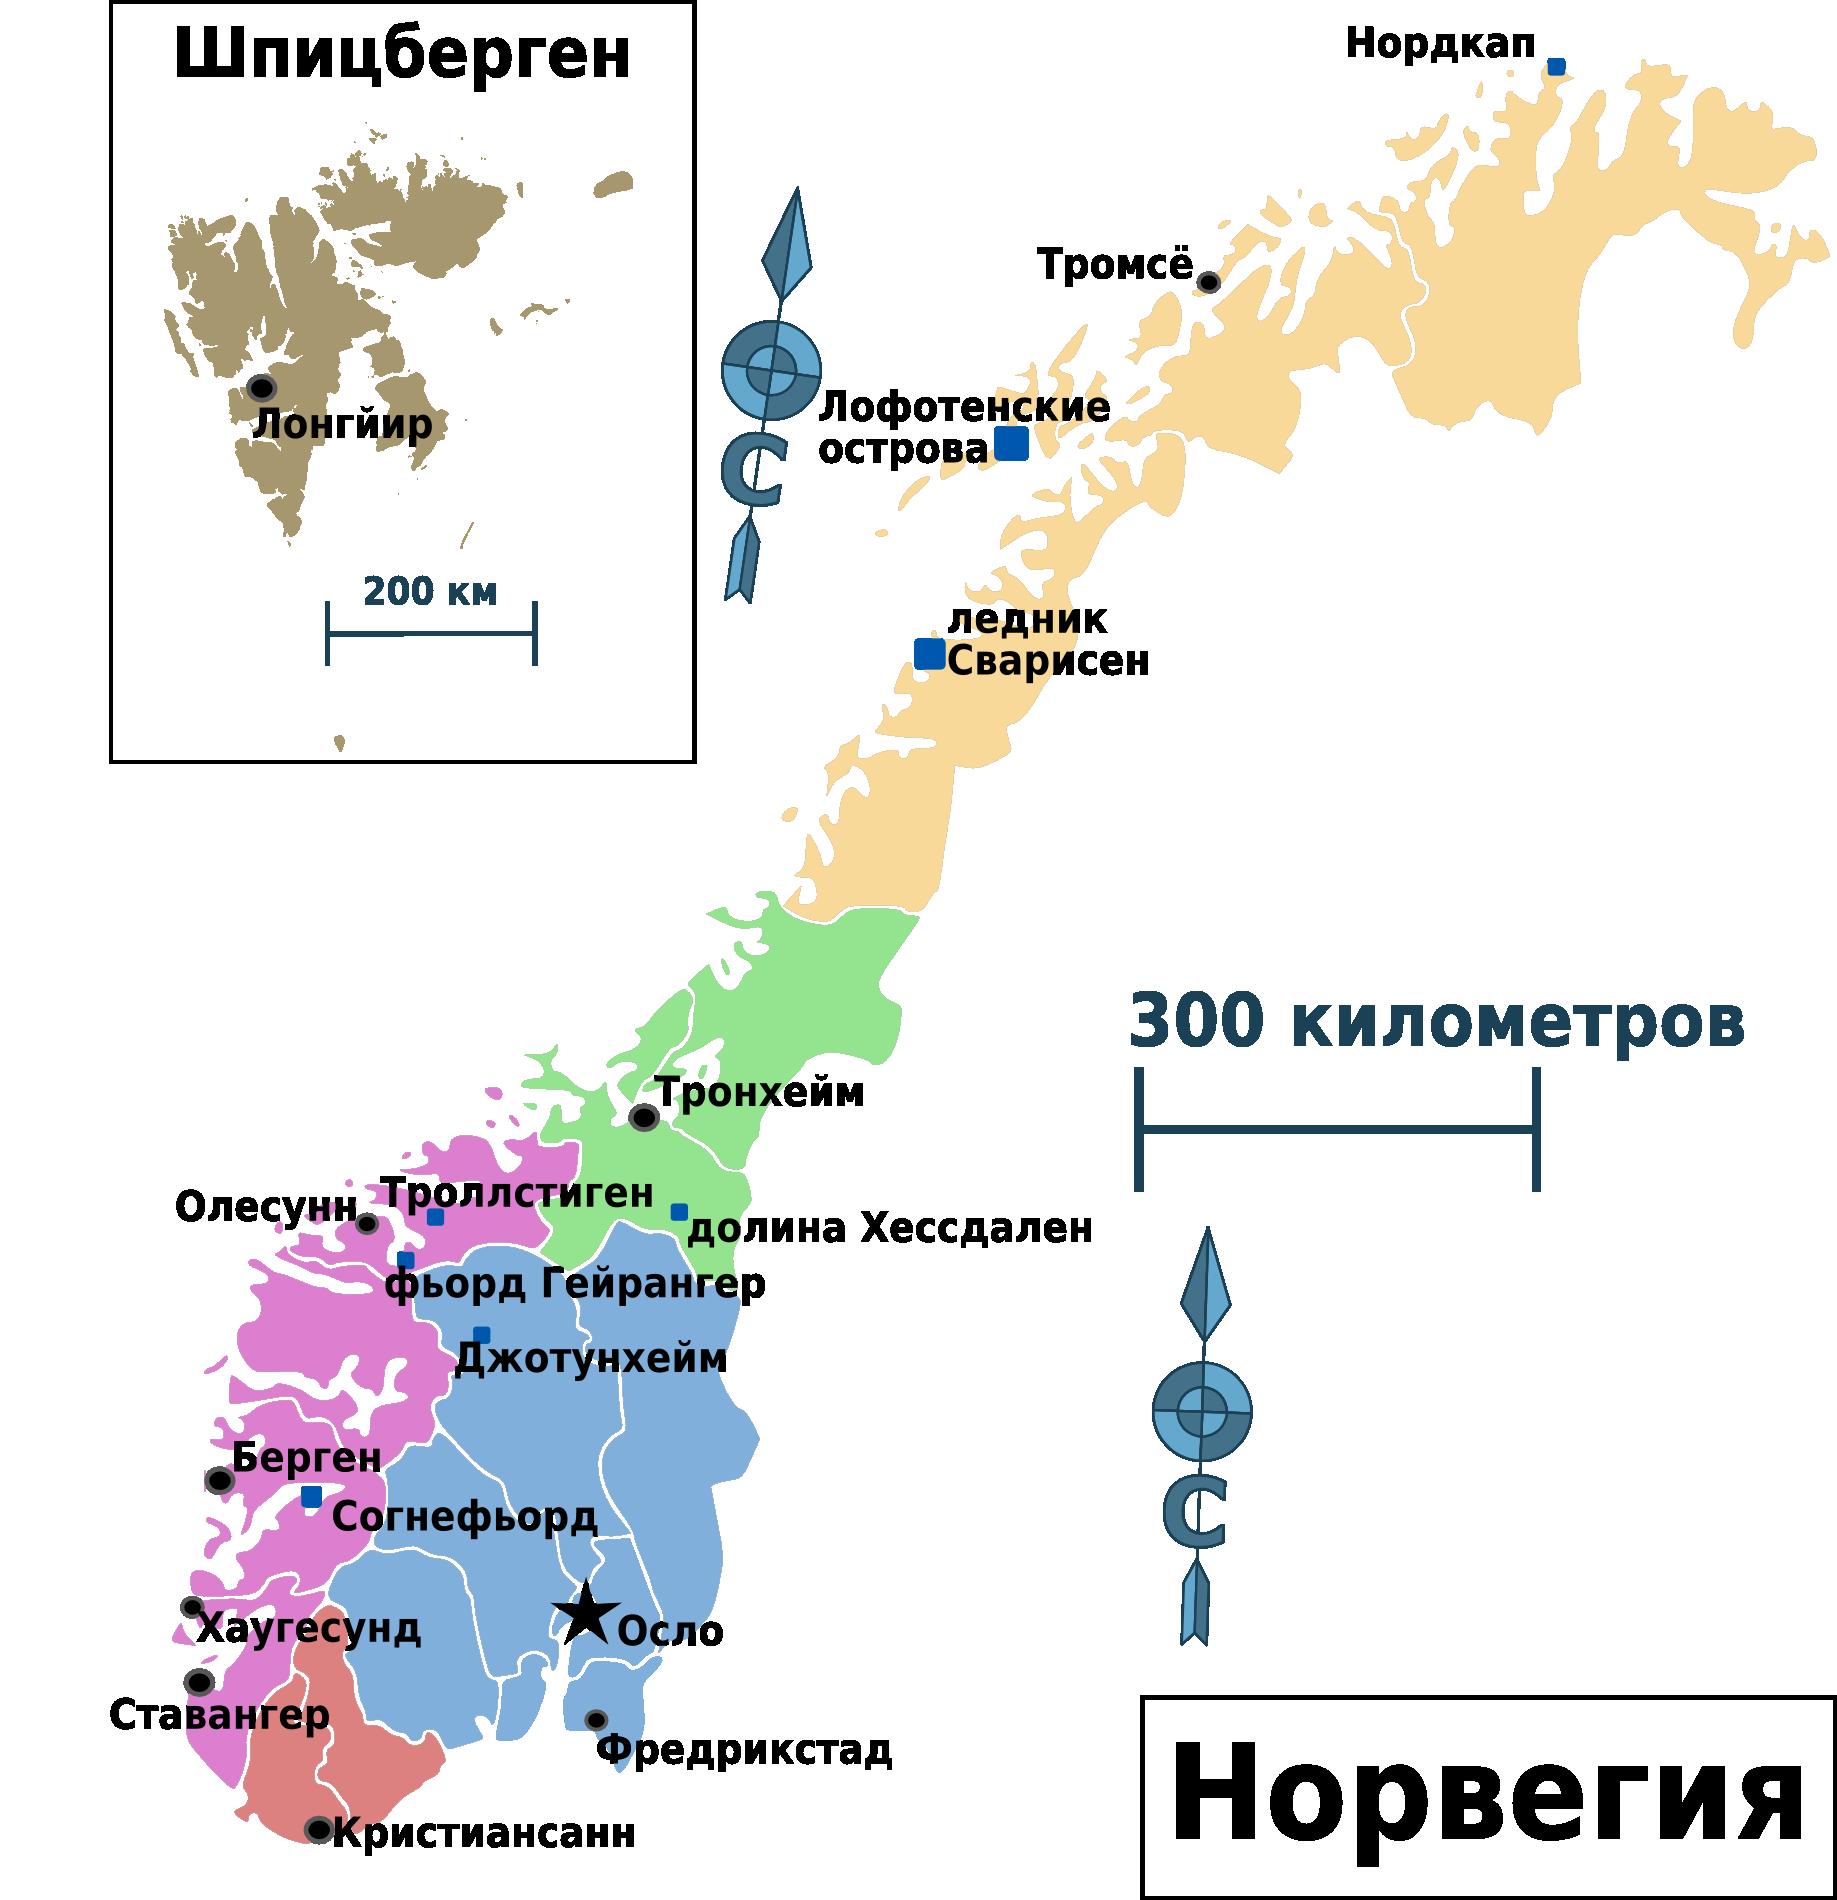 norwegen karte regionen Norwegen Regionen Karte norwegen karte regionen